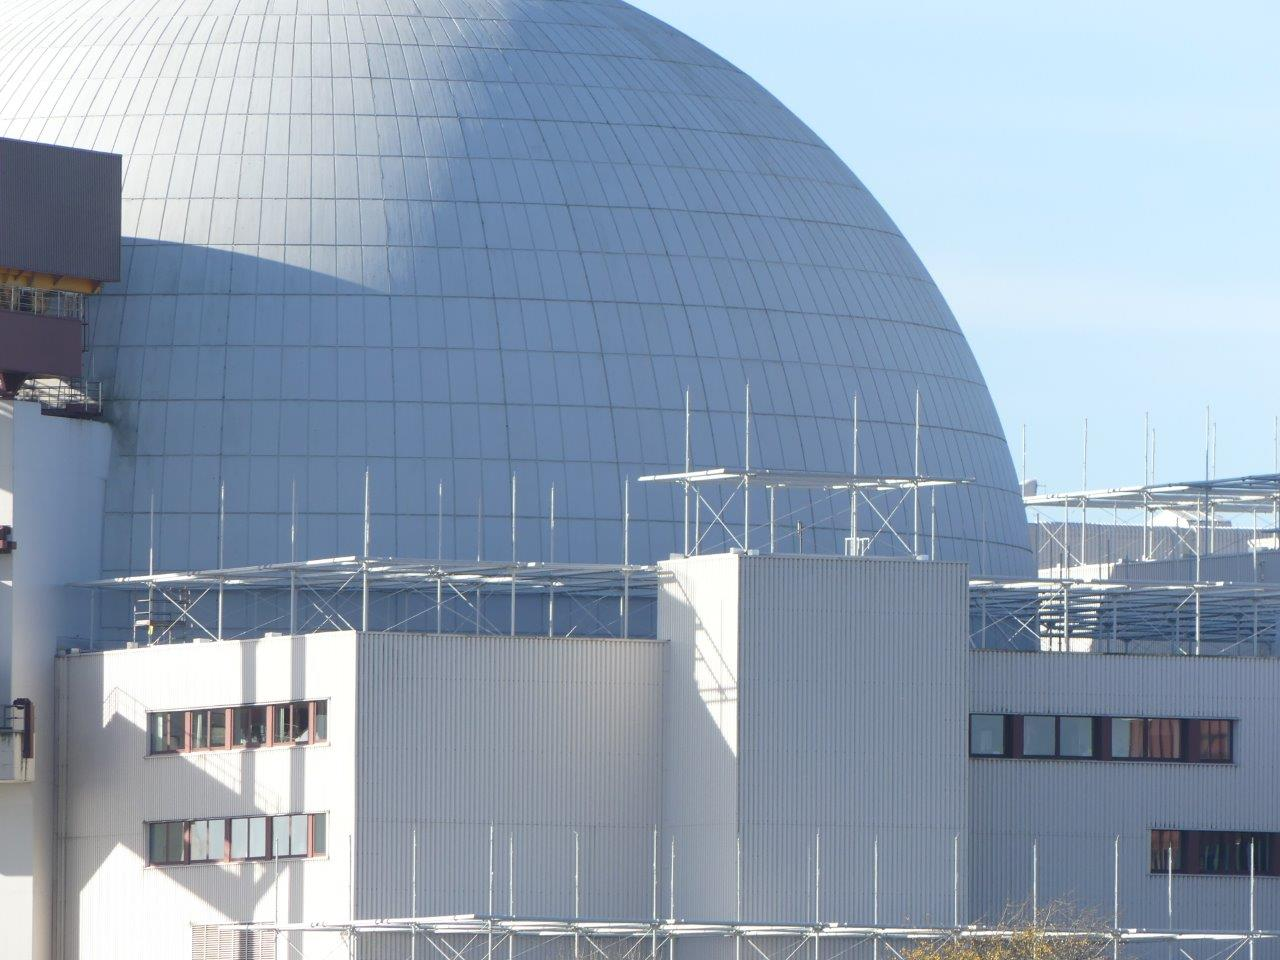 Atomenergie und Terrorschutz: Bundesregierung bringt 17. Atomgesetznovelle auf den Weg